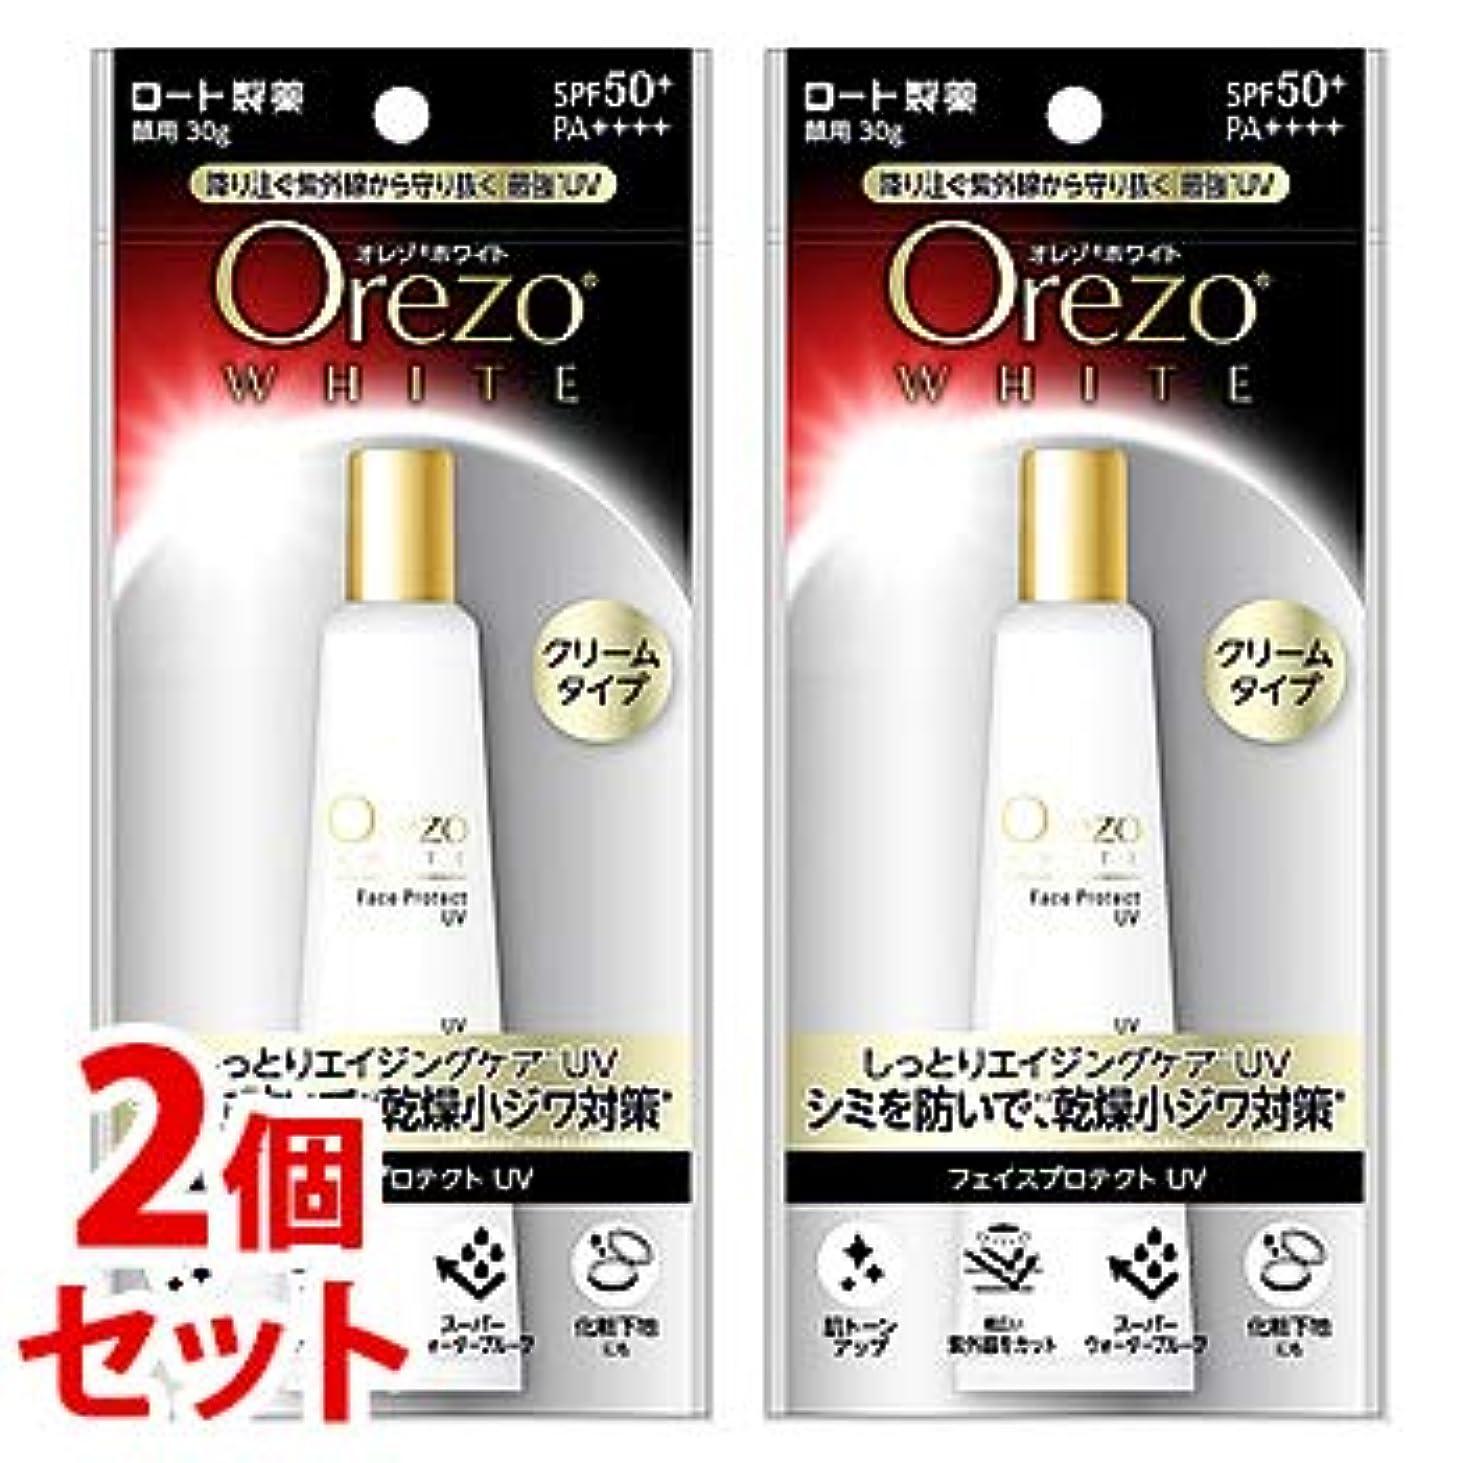 リース相談する無視する《セット販売》 ロート製薬 Orezo オレゾ ホワイト フェイスプロテクトUV SPF50+ PA++++ (30g)×2個セット 顔用 日やけ止め 化粧下地 クリームタイプ